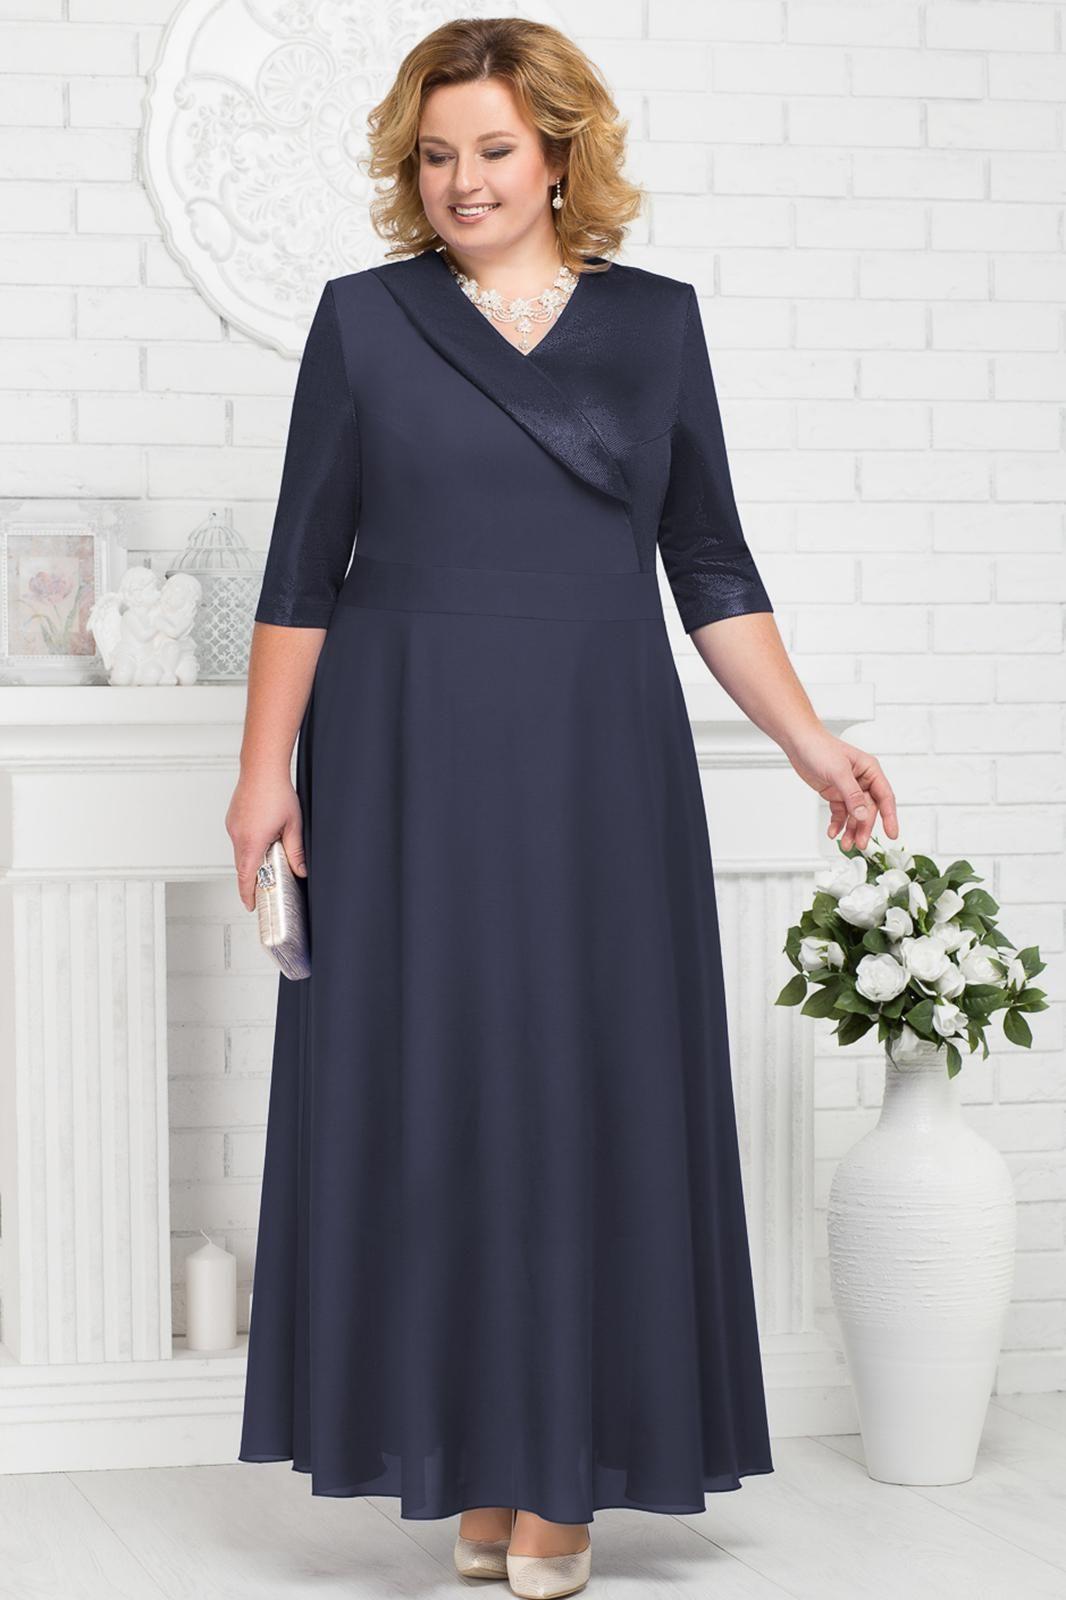 Купить белорусскую женскую одежду в интернет-магазине в ...